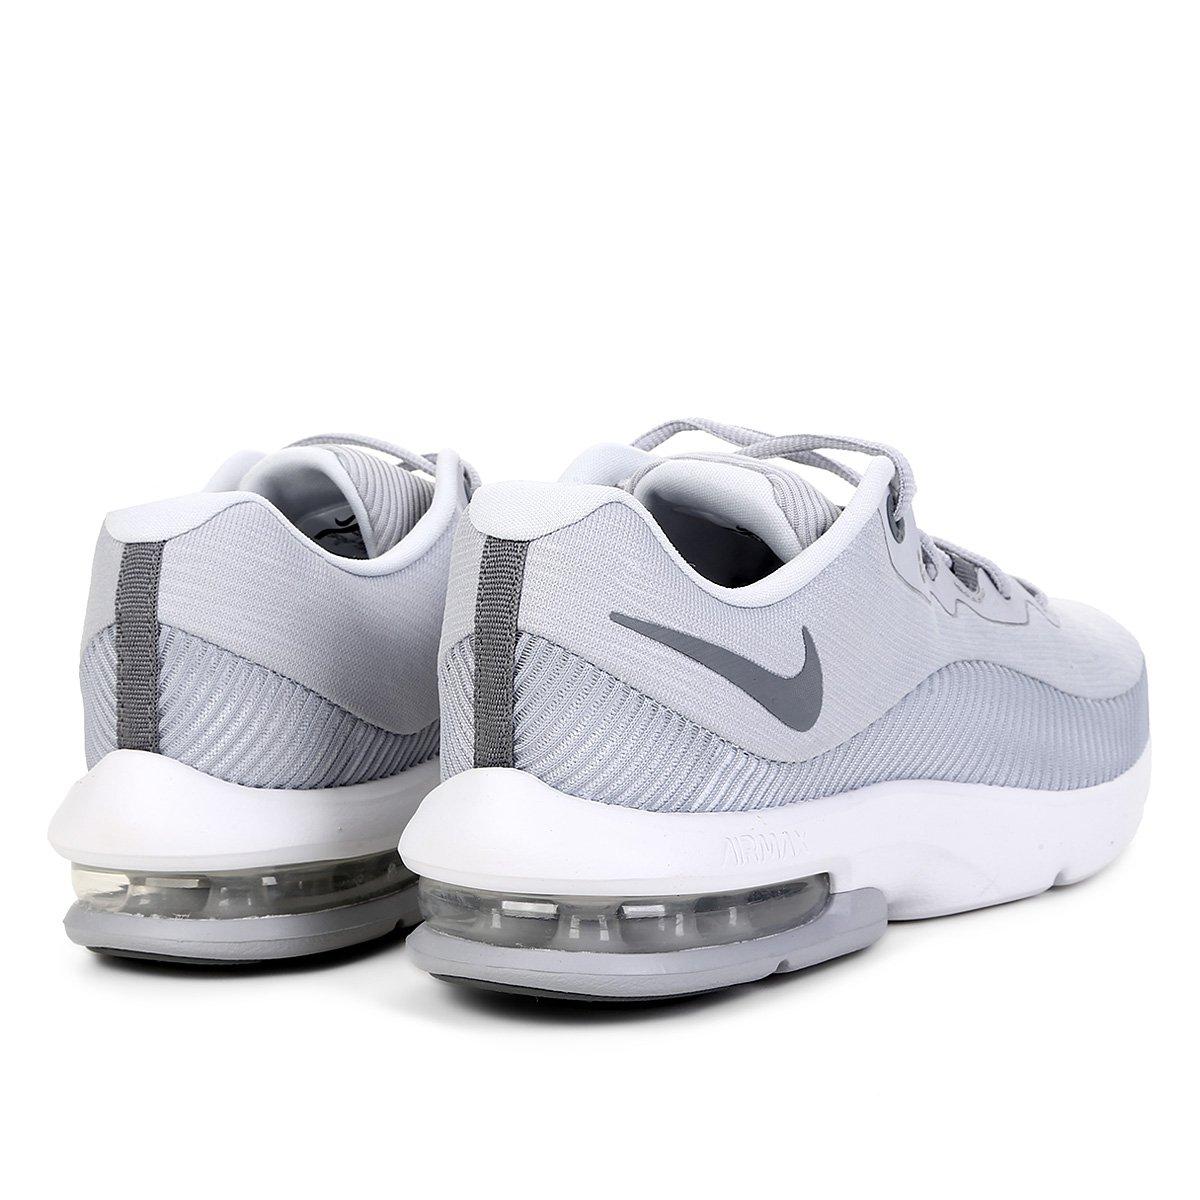 Tênis Nike Air Max Advantage 2 Feminino Tam 34 Shopping